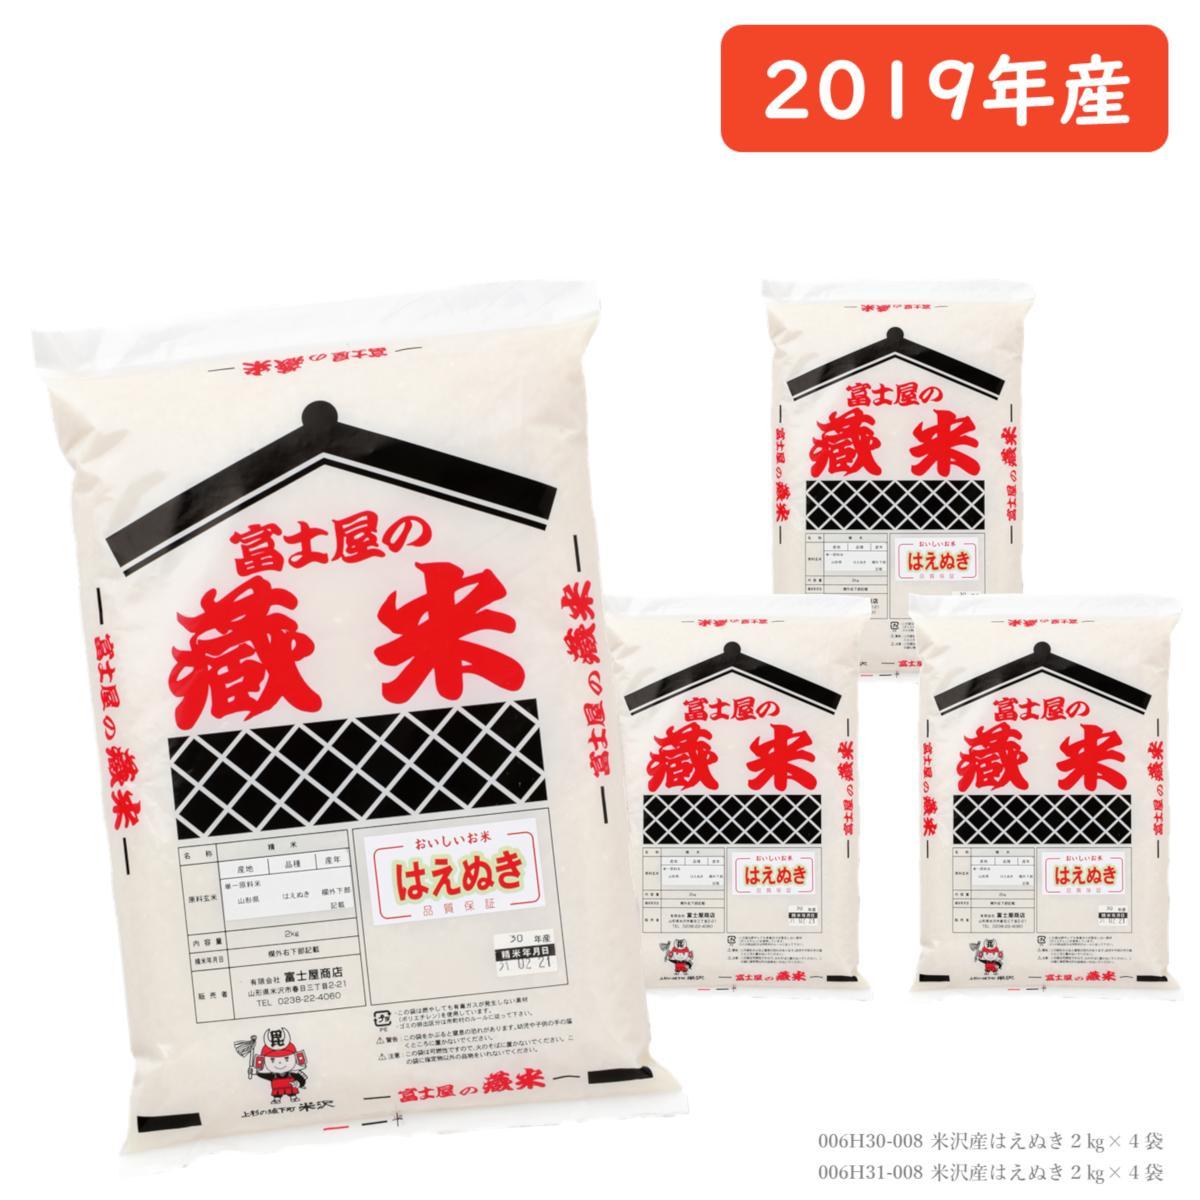 【ふるさと納税】《2019年産米》_お米マイスター厳選米(米沢産はえぬき2kg×4袋)